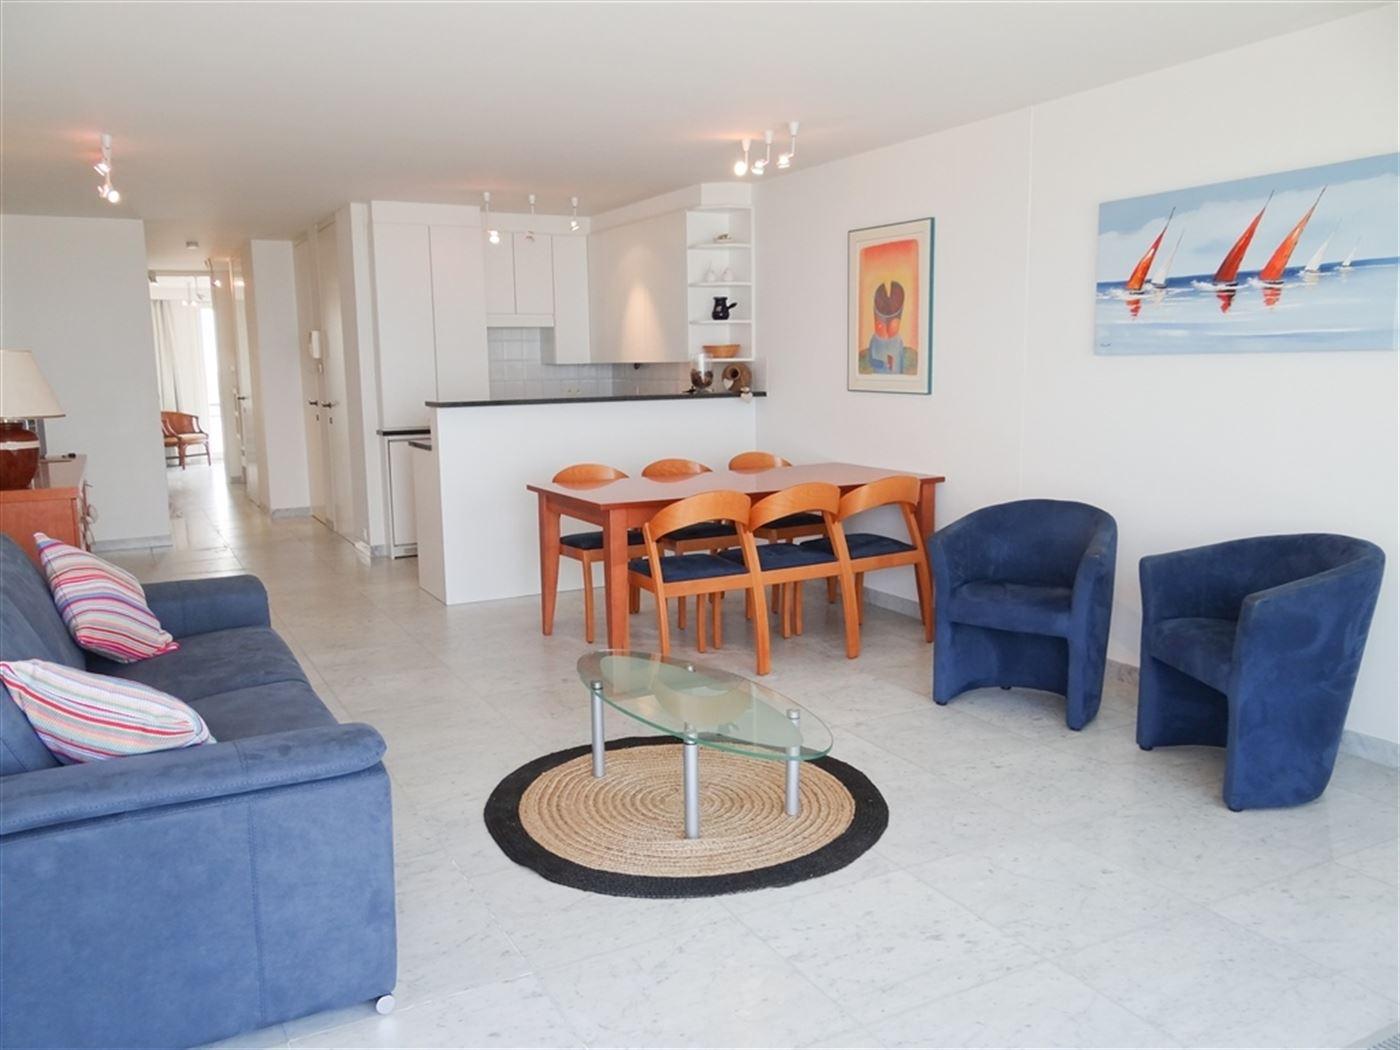 TE HUUR OP JAARBASIS - modern ingericht appartement op de 8ste verdieping met frontaal zeezicht - ingerichte keuken met frigo, vaatwas, microgolf en e...